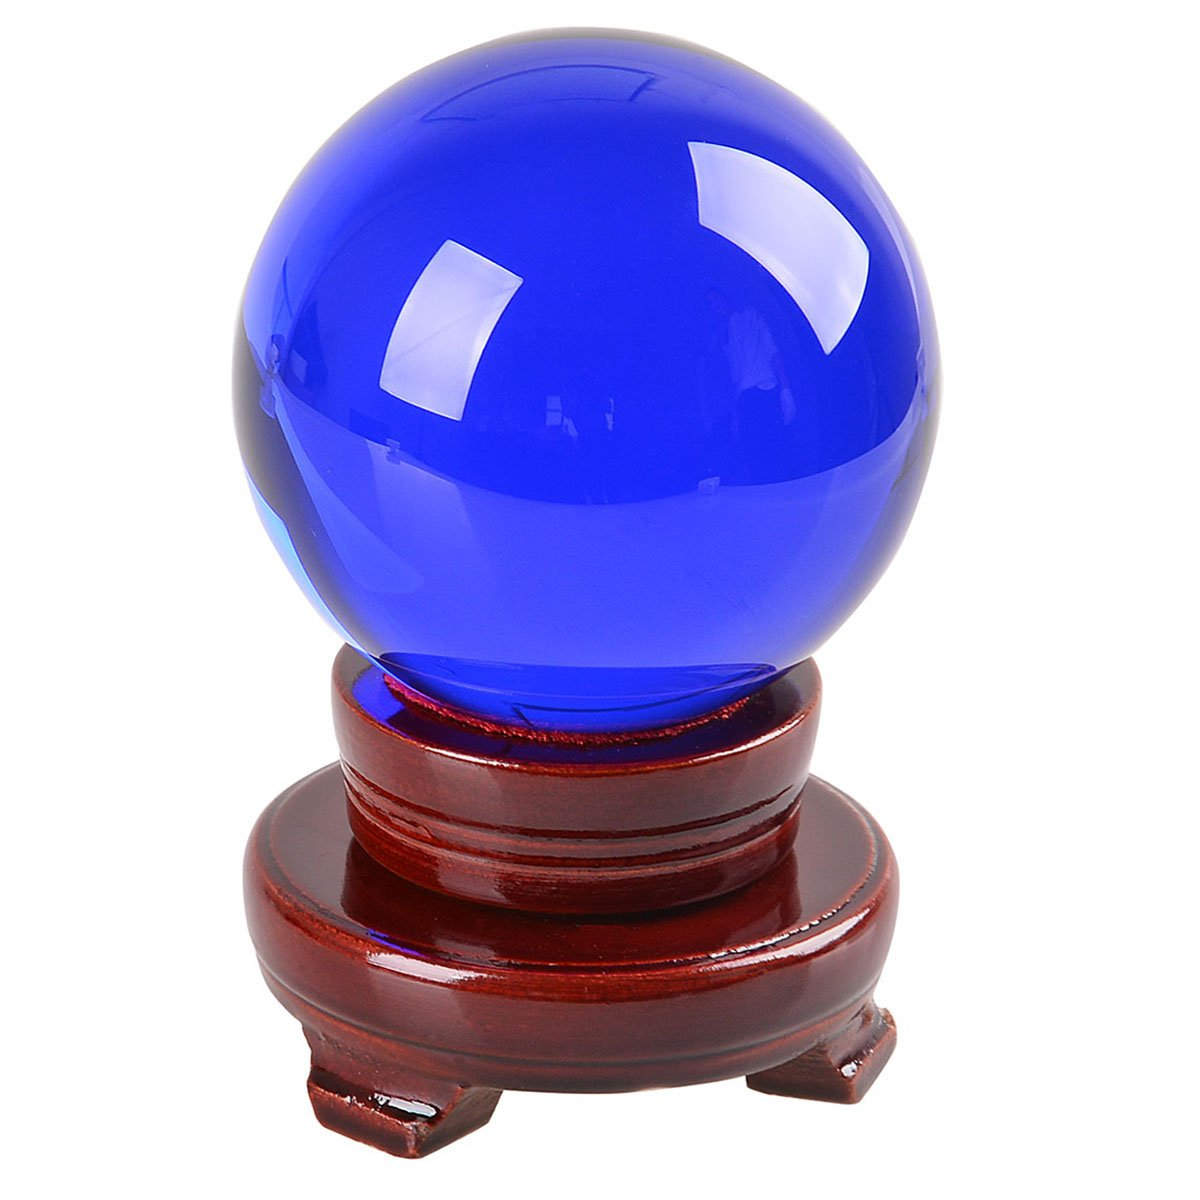 多色透明 水晶玉 150mm クリスタルボール 装飾品 【木製台ギフトボックス】 (藍色) B01MSYJS2D 藍色 藍色